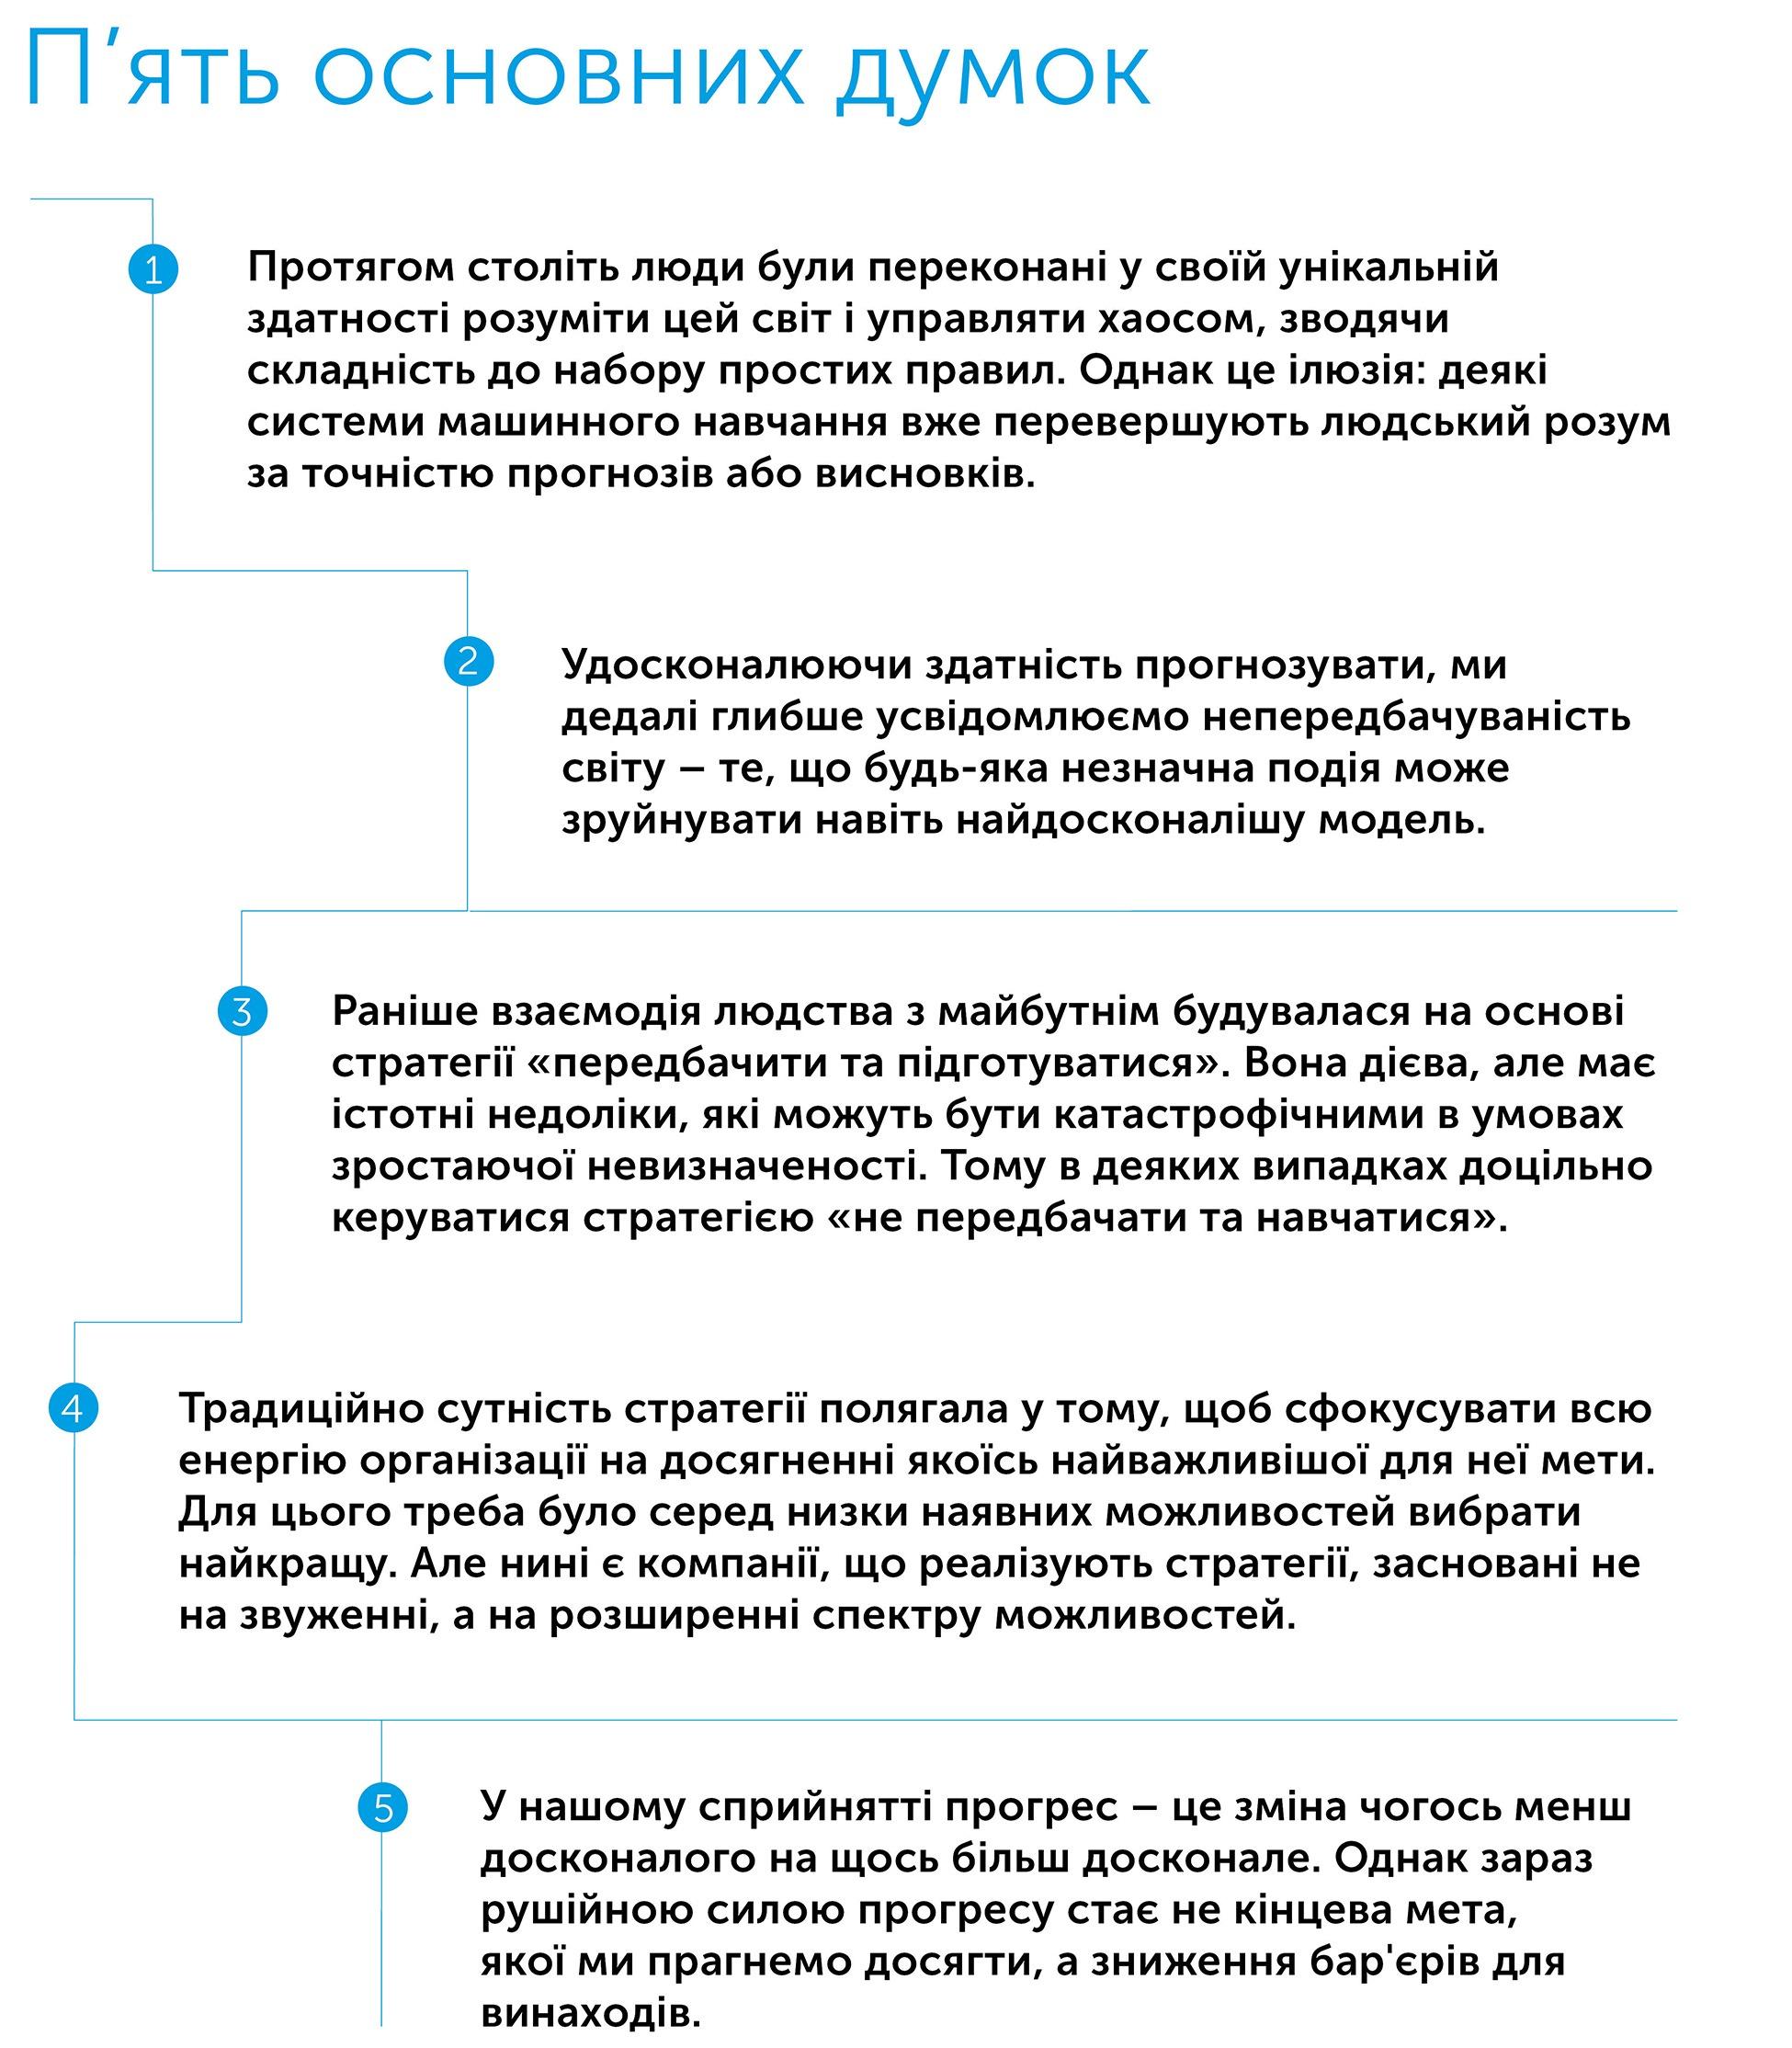 Повсякденний хаос. Про технології, складність та про те, як досягти успіху в новому світі можливостей, автор Девід Вайнбергер | Kyivstar Business Hub, зображення №2